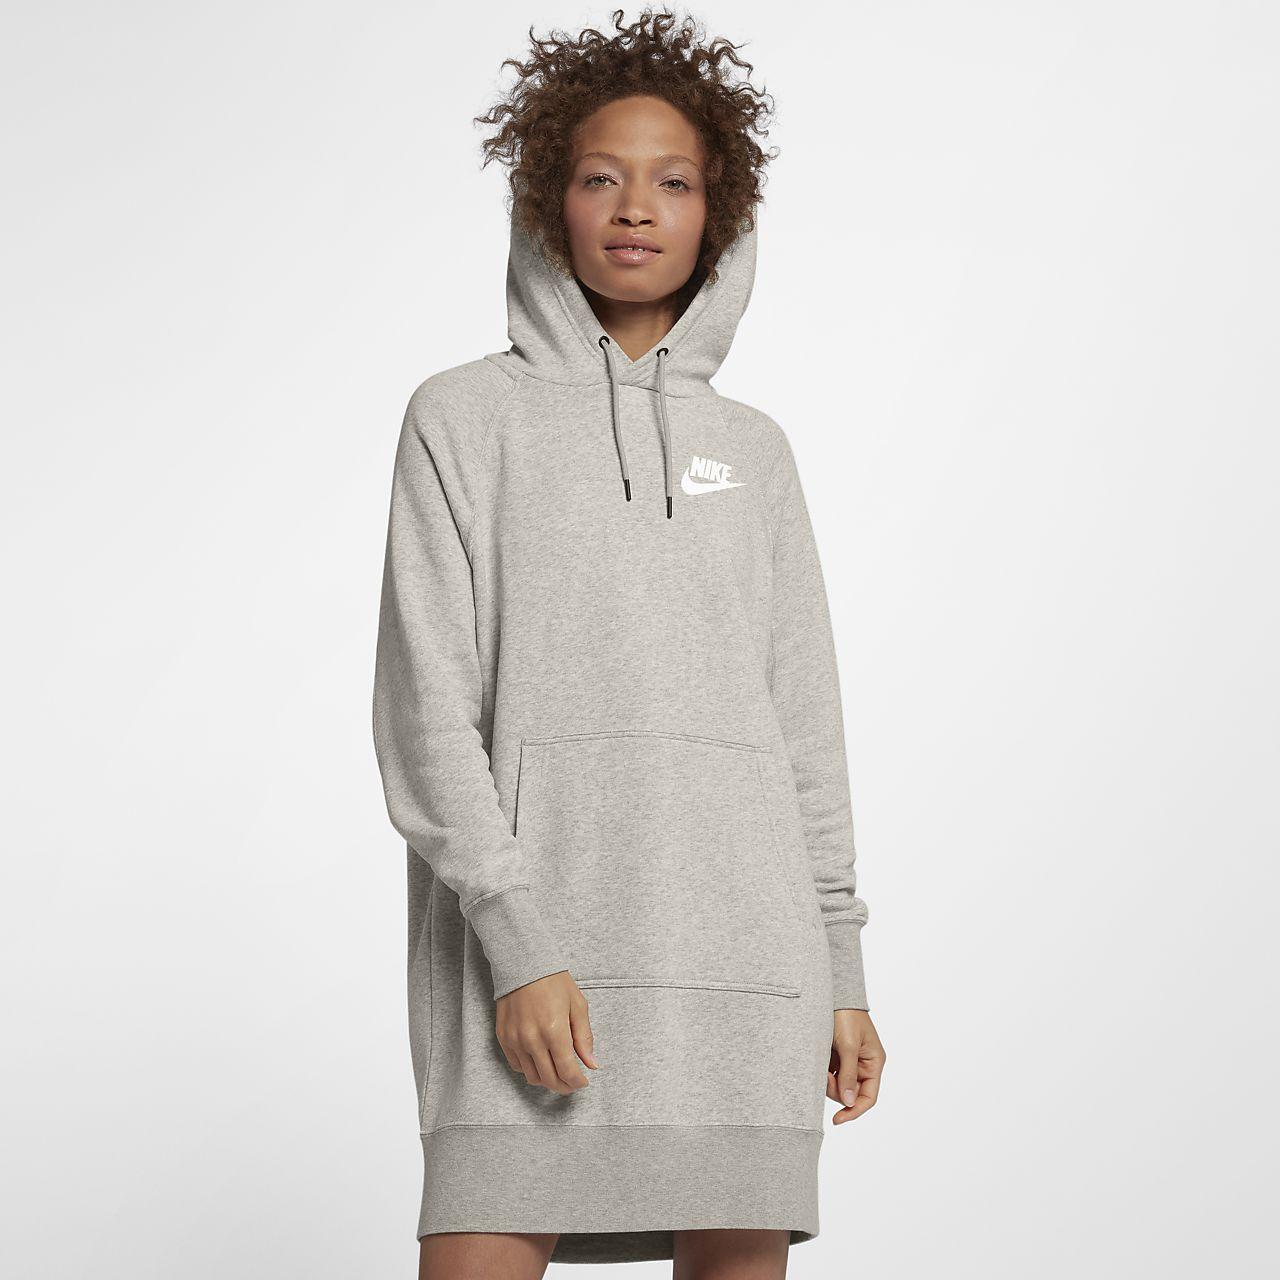 Nike Sportswear Rally Women's Hooded Dress